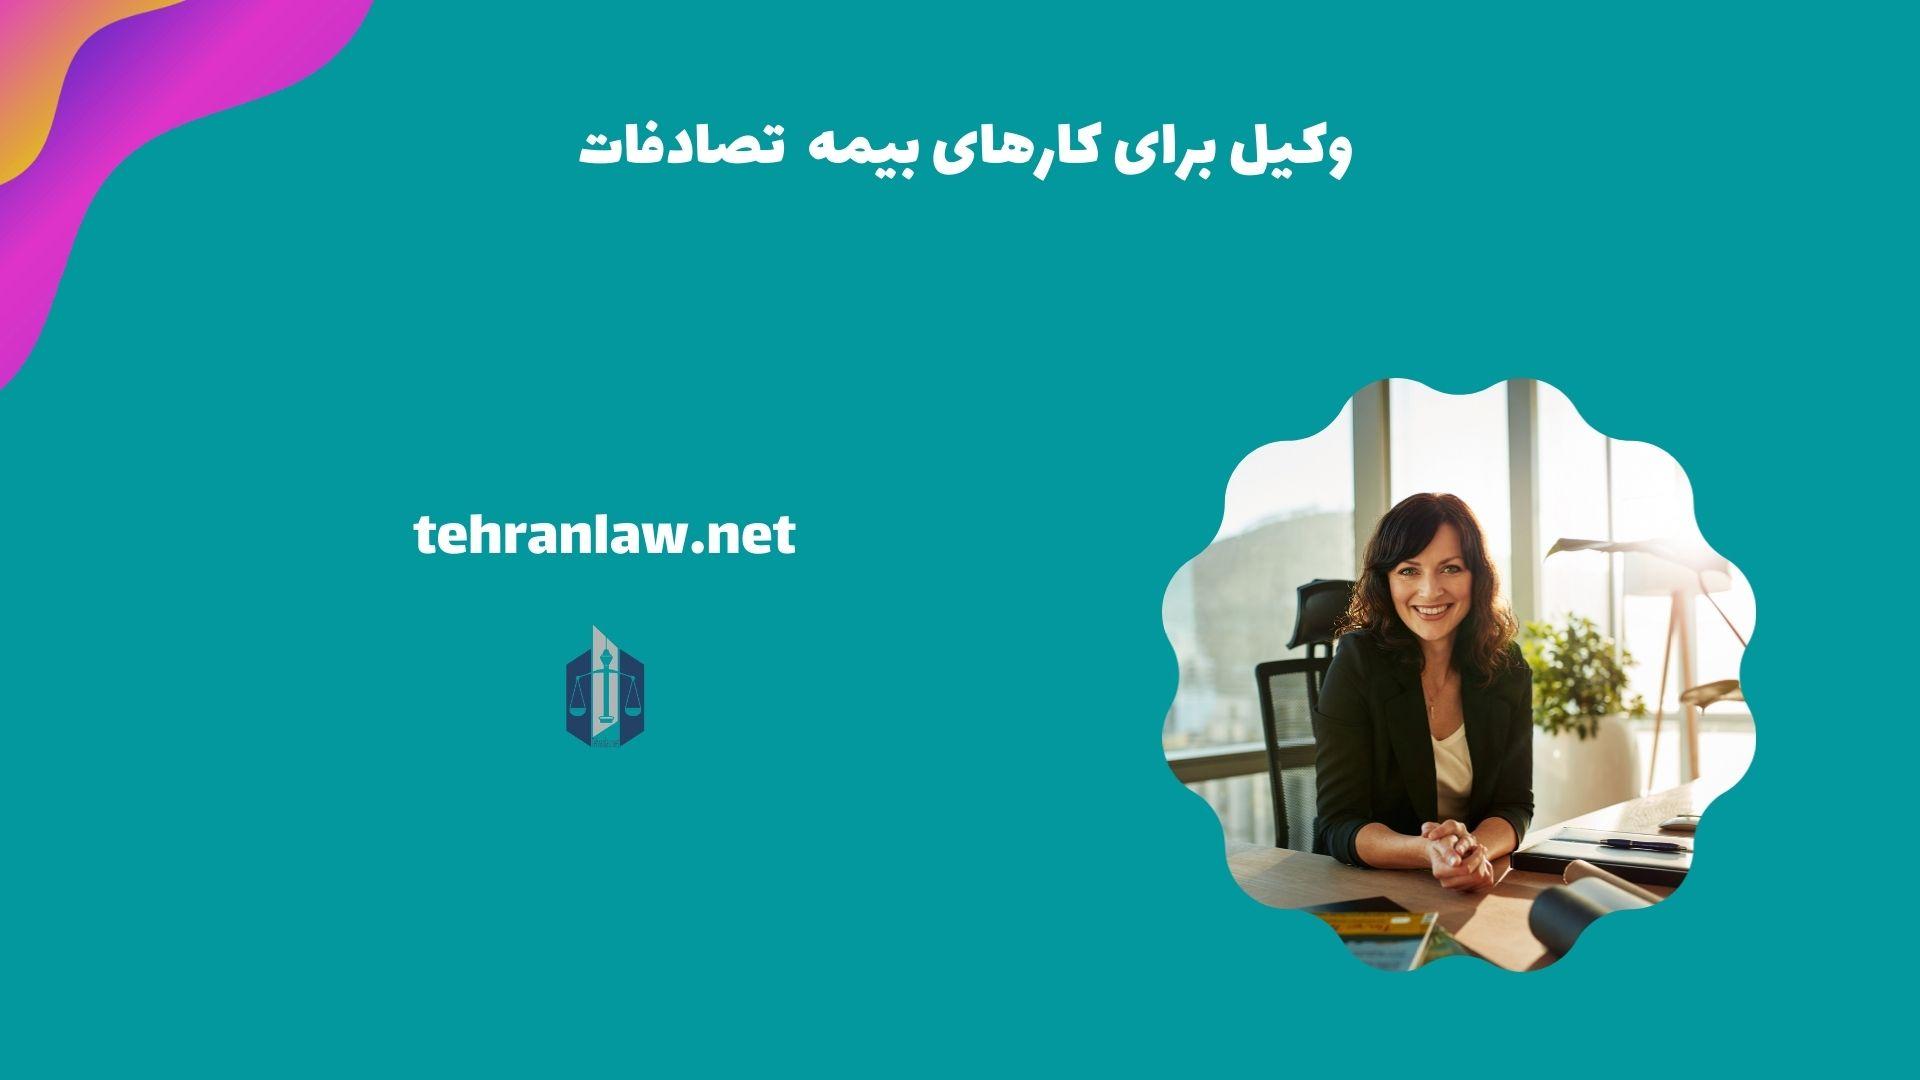 وکیل برای کارهای بیمه تصادفات